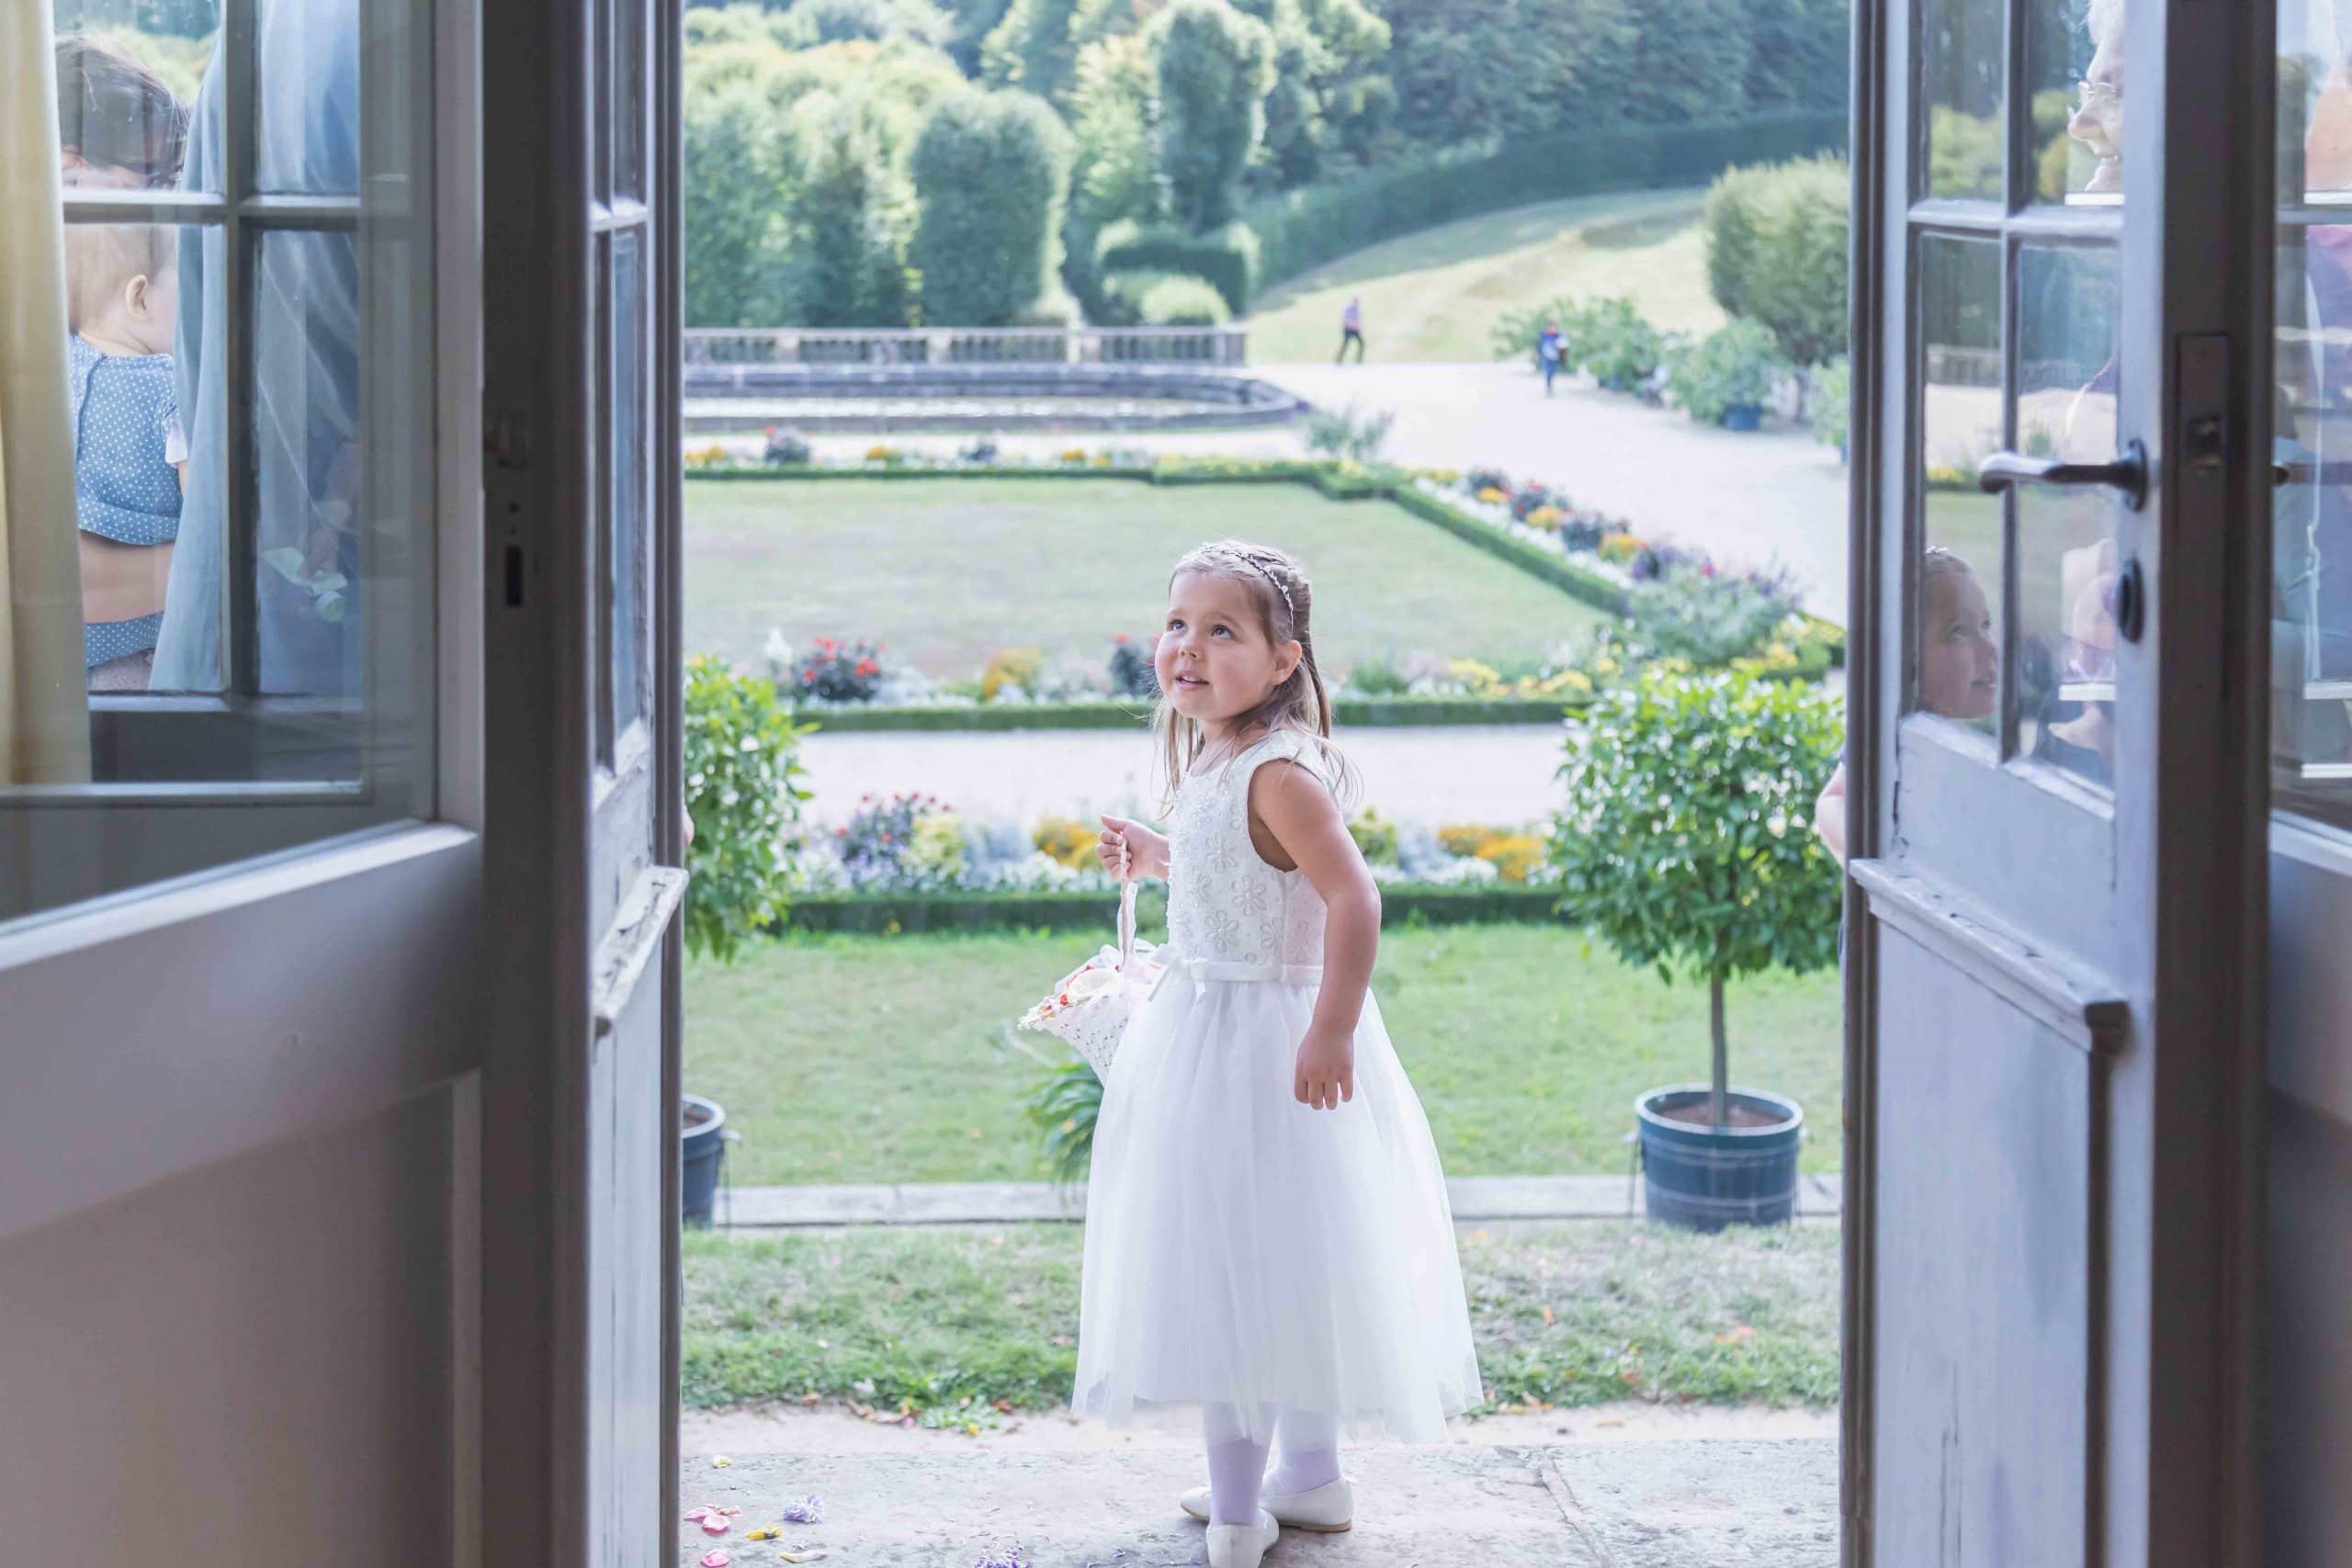 Heiraten-Barockgarten-Grosssedlitz-Hochzeit-Fotograf-Barockgarten-Grosssedlitz